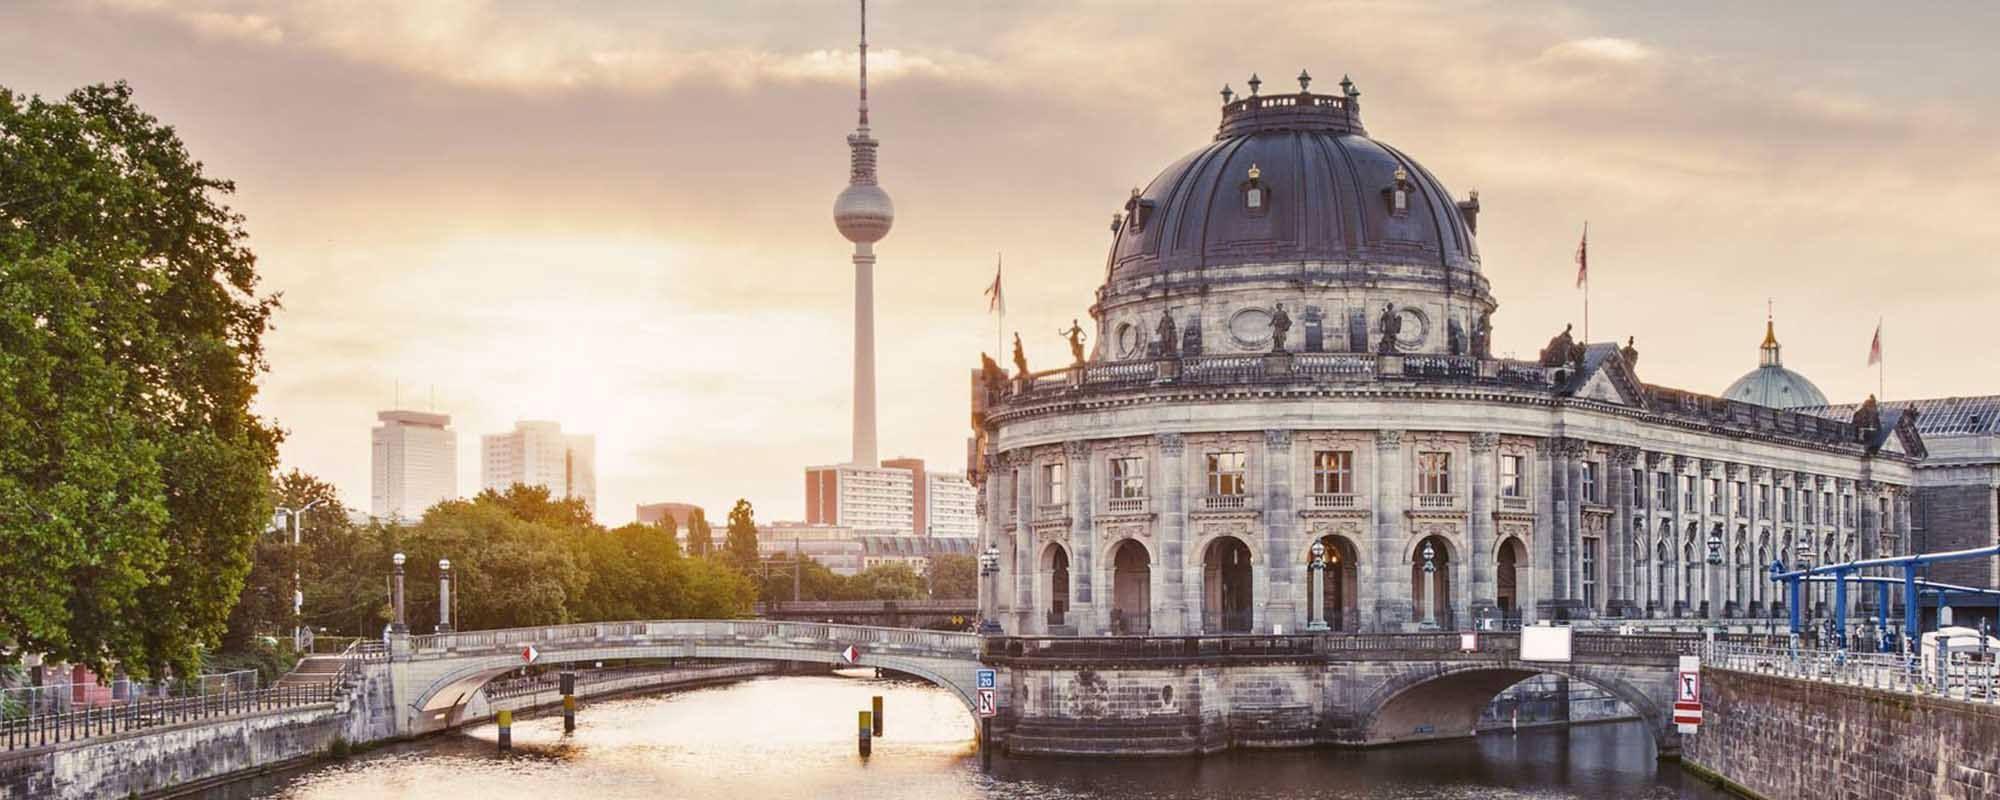 Soggiorni linguistici a Berlino